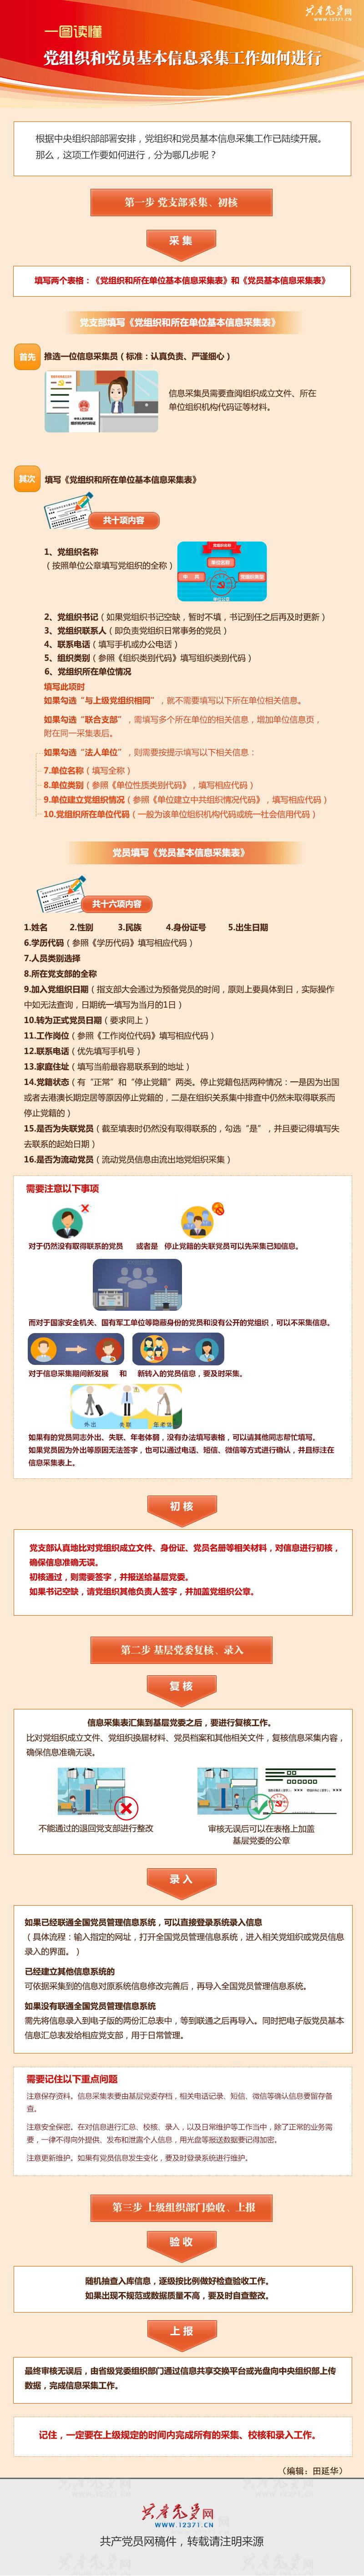 党组织和党员基本信息采集工作如何进行